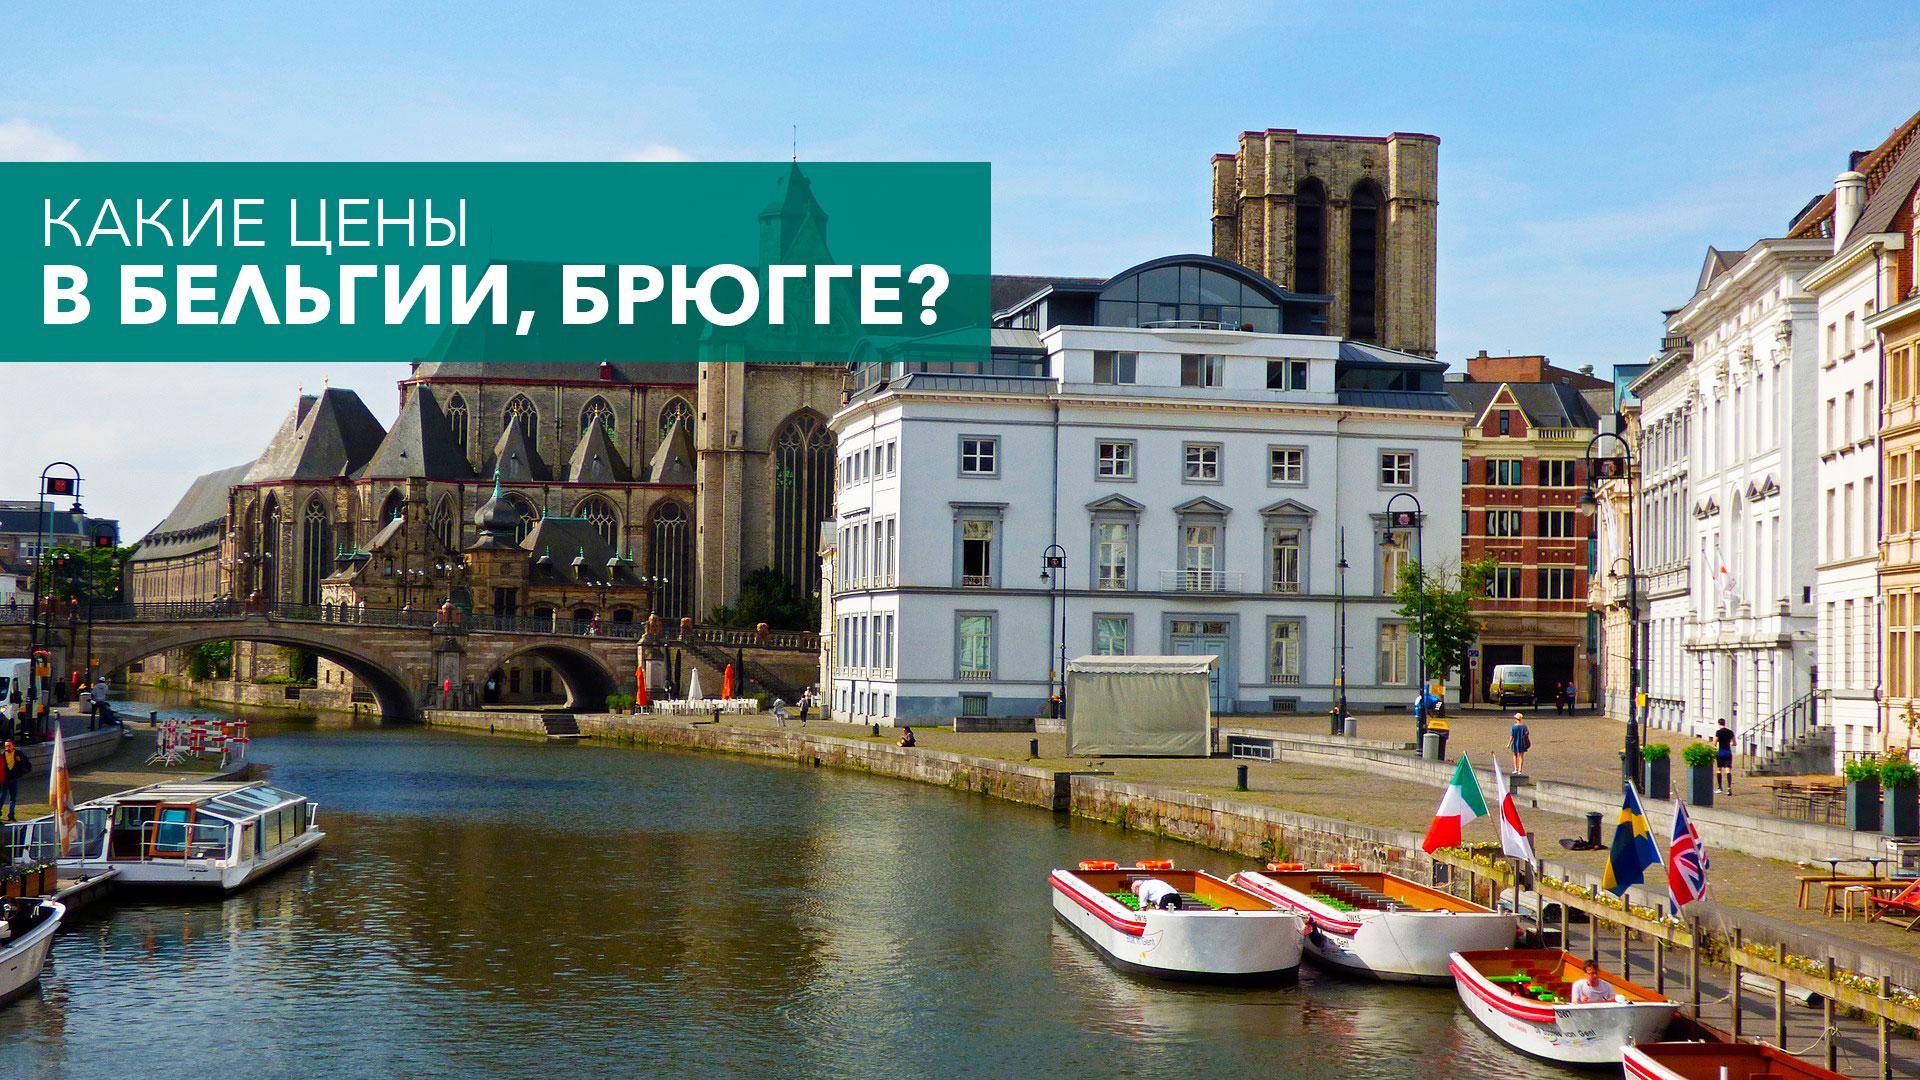 Цены в Бельгии, Брюгге – варианты бюджета для туриста